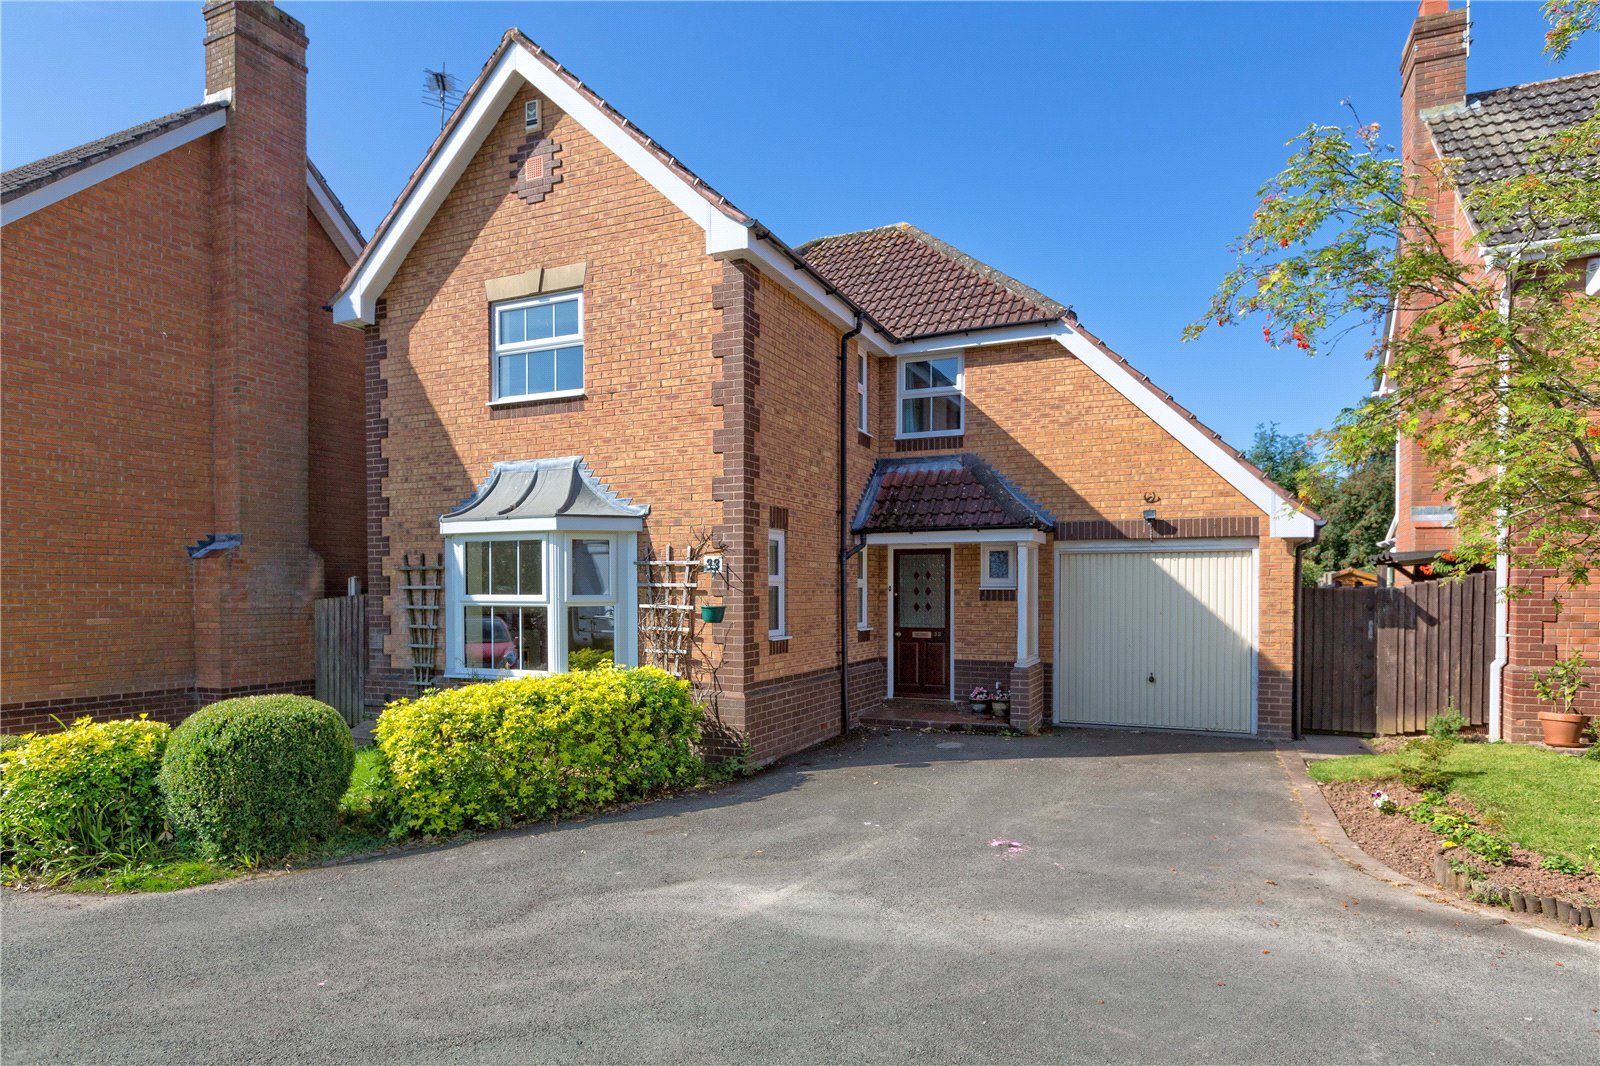 33 Bowdler Close, Ludlow, Shropshire, SY8